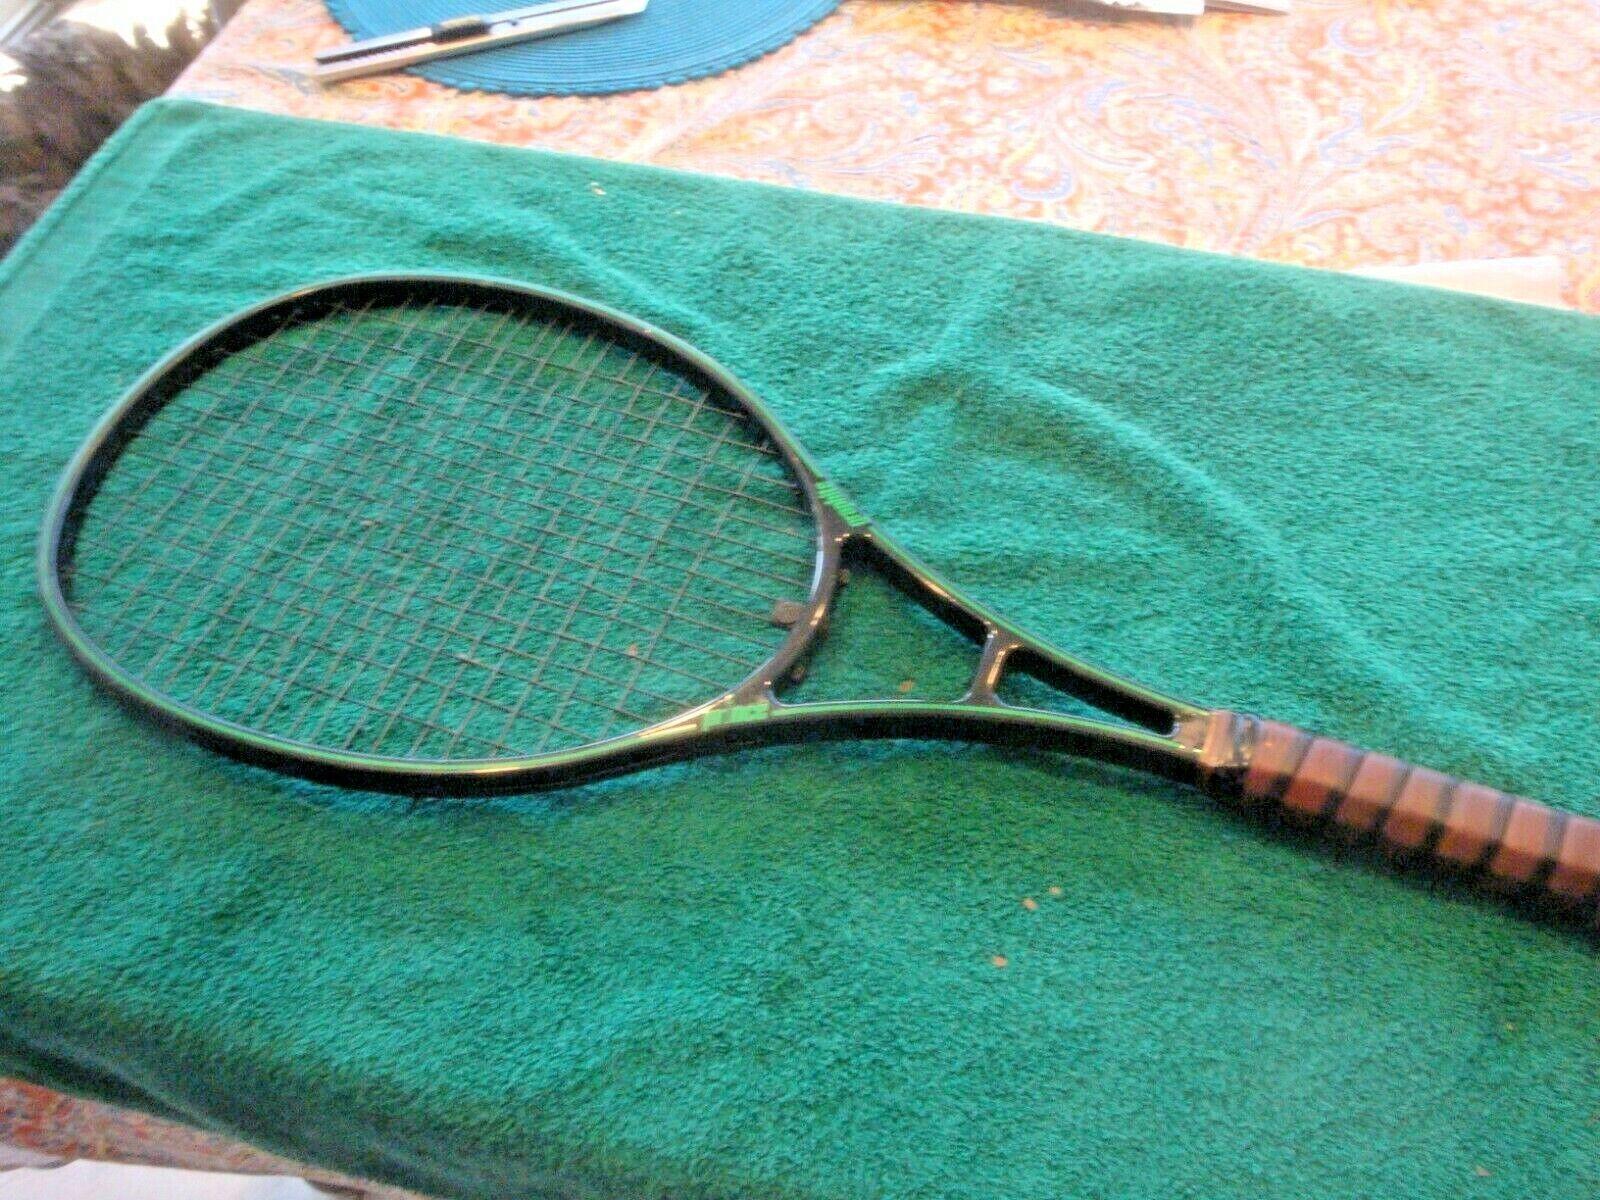 El príncipe Grafito Original (Pog) de gran tamaño tenis raqueta 4 3 8